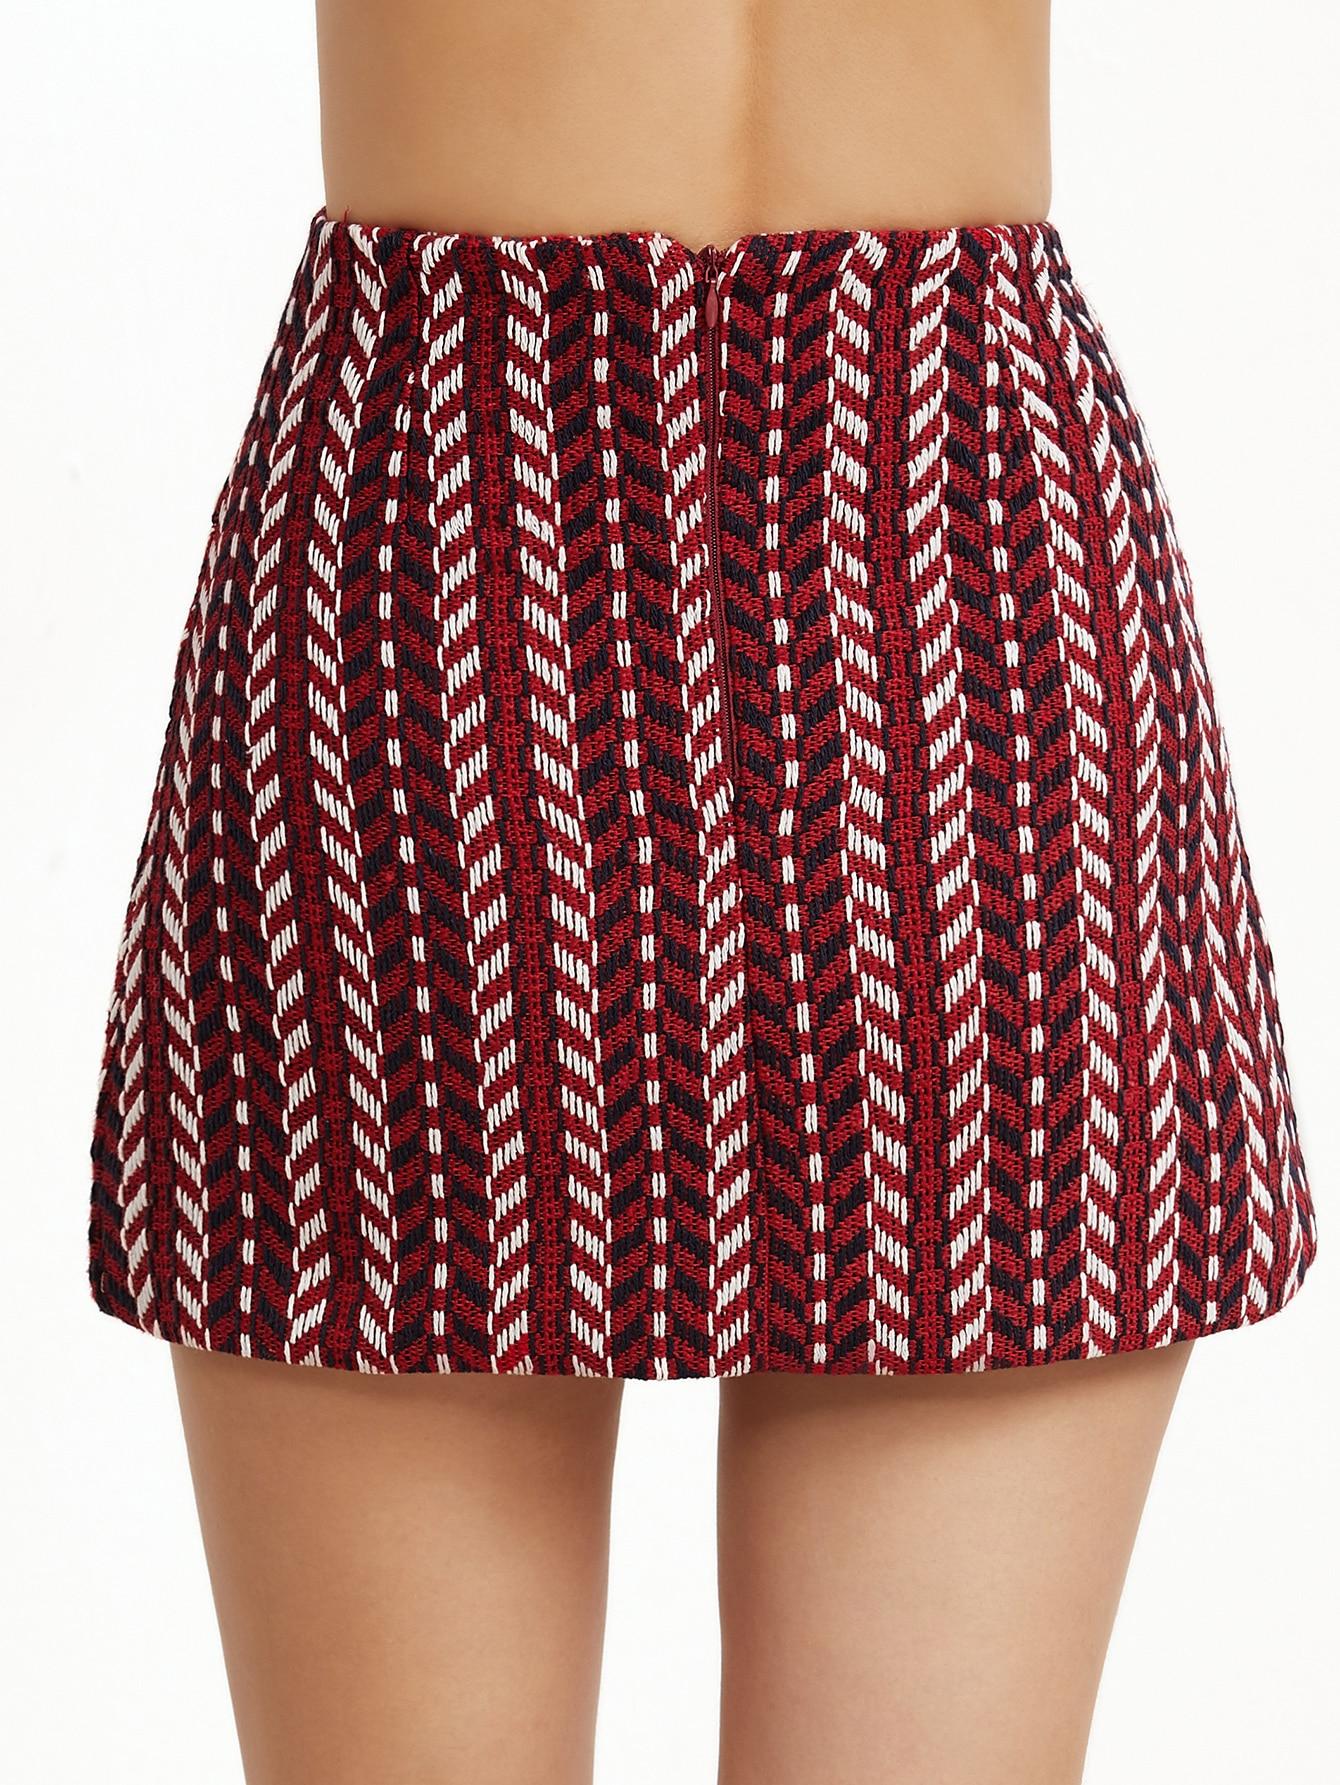 skirt161201001_2